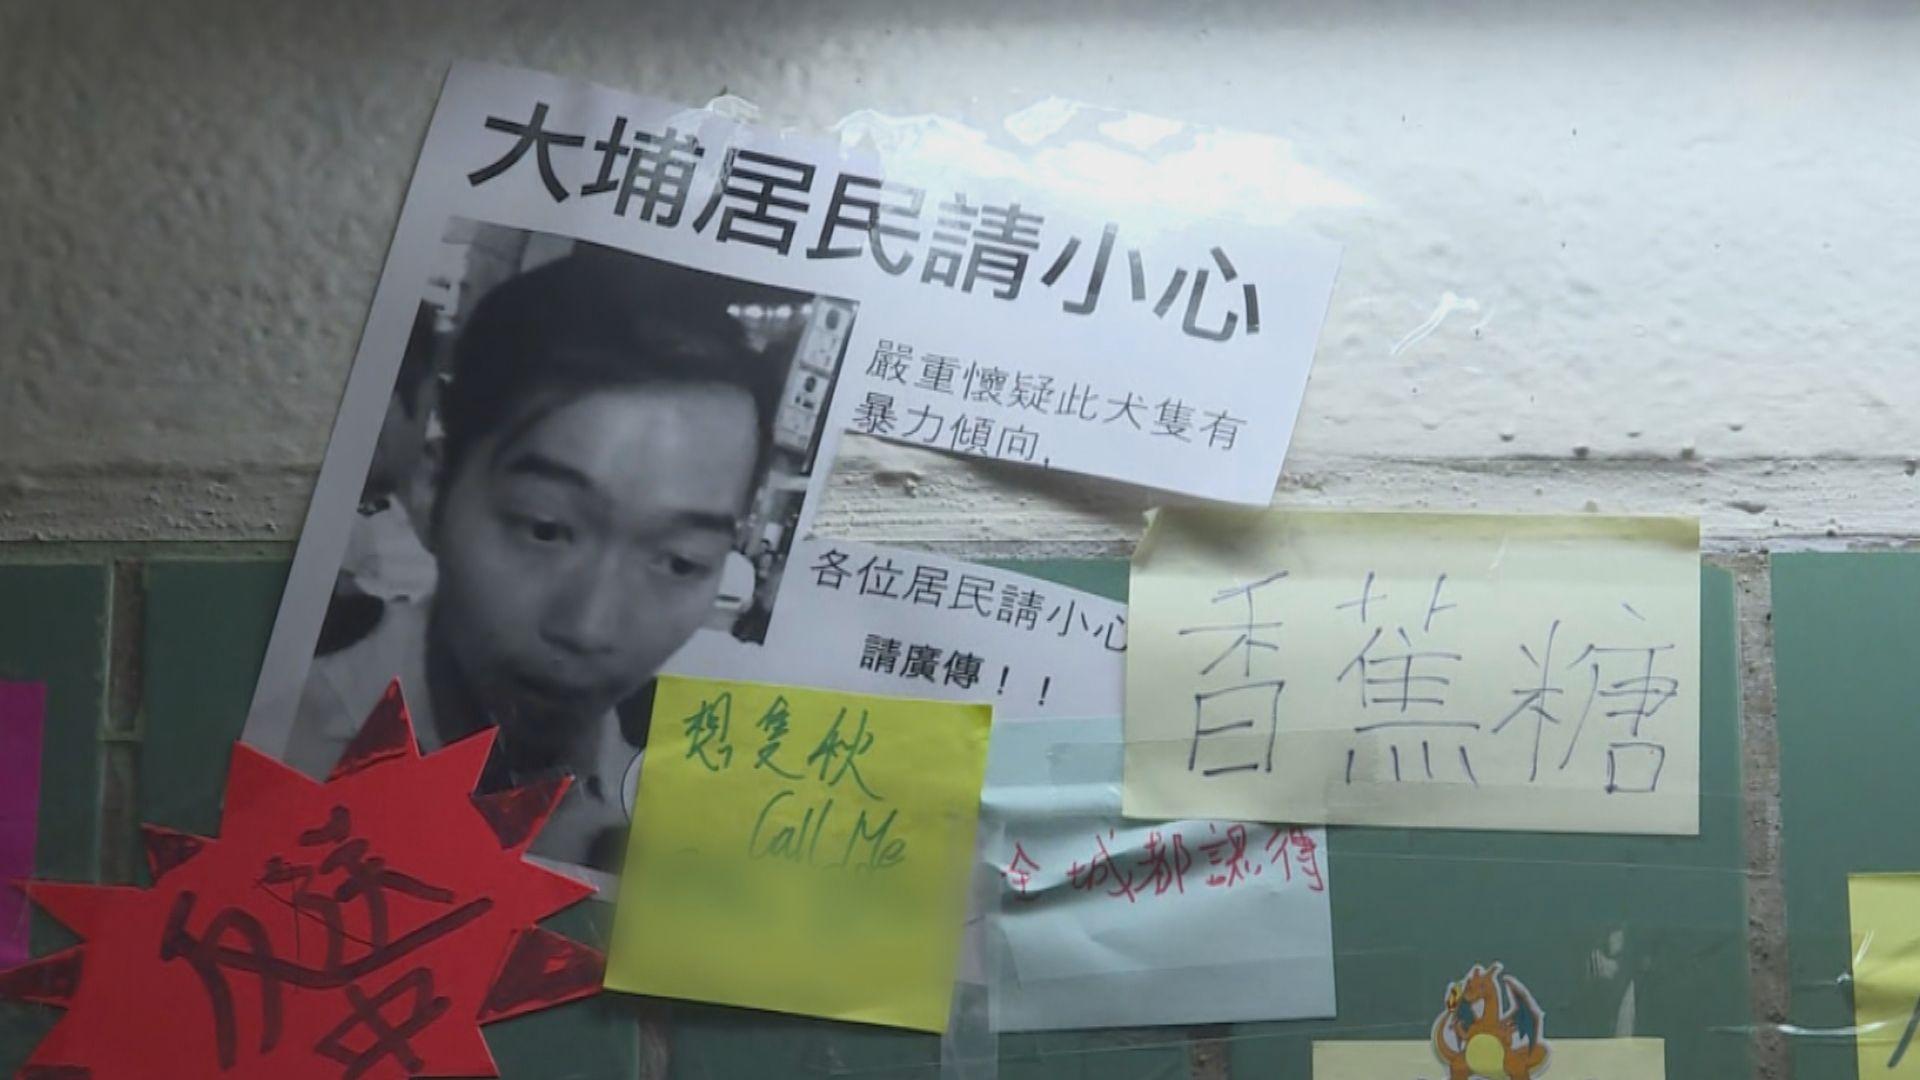 「連儂隧道」有人張貼警員相片名字等 部分資料其後被剪走